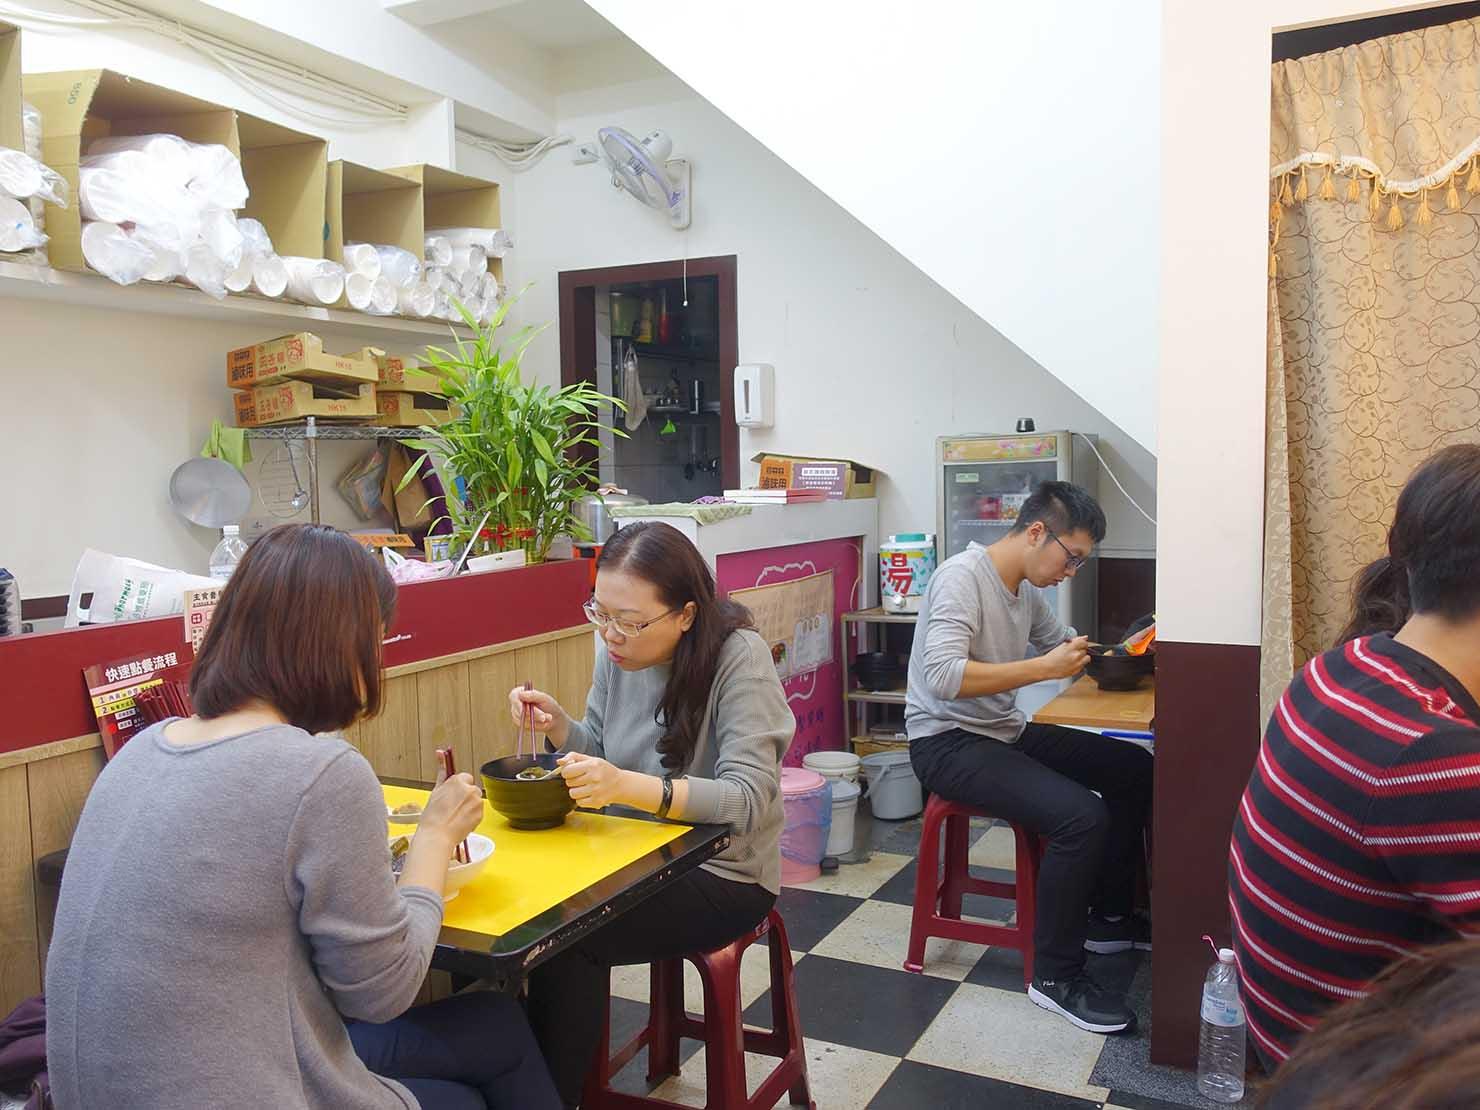 台北駅周辺のおすすめ台湾グルメ店「台北煮食甜不辣」の店内